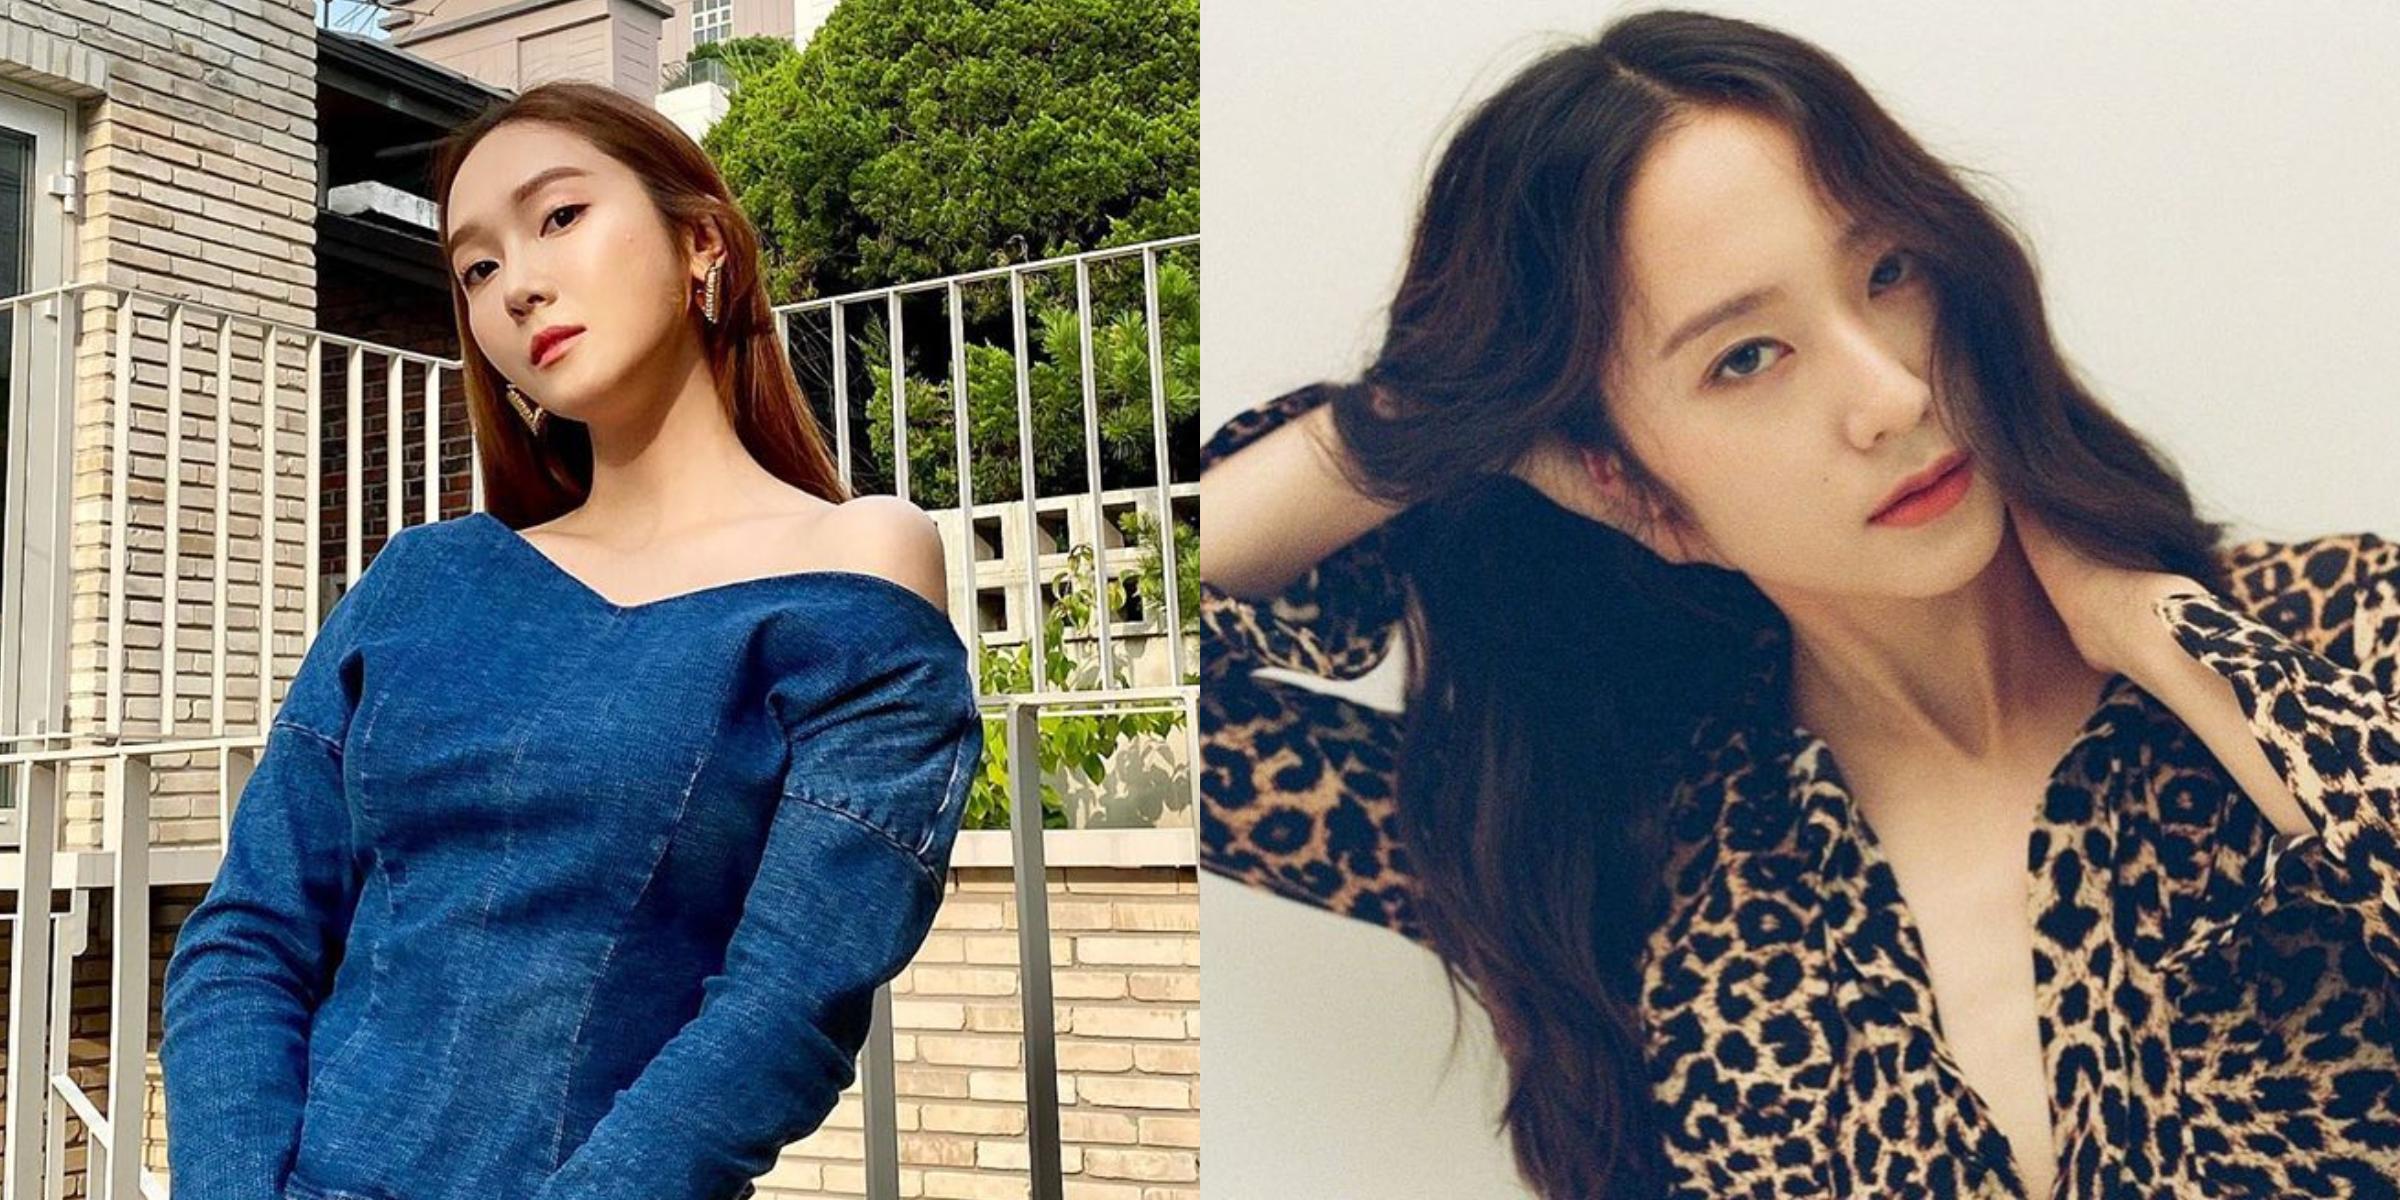 鄭氏姊妹鄭秀妍Jessica和鄭秀晶Krystal天鵝頸養成術!